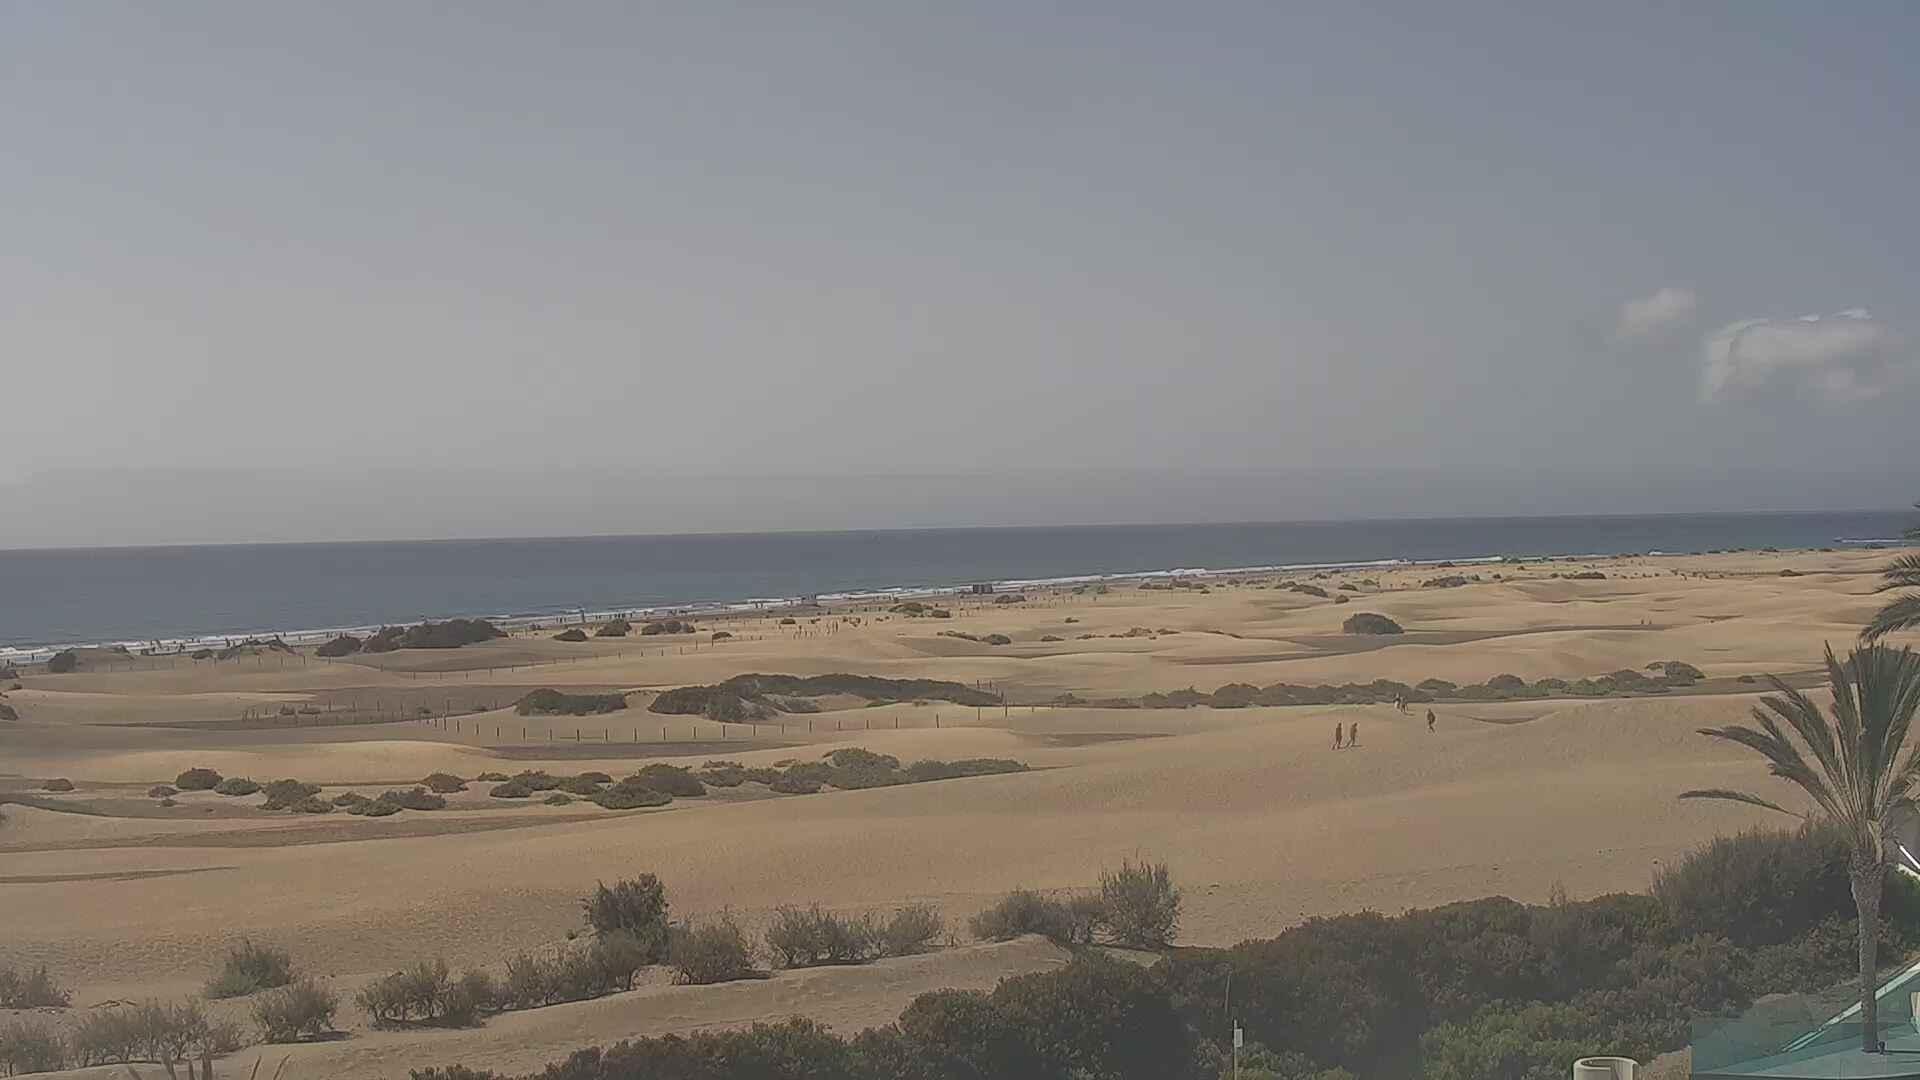 Playa del Ingles (Gran Canaria) Sun. 11:36